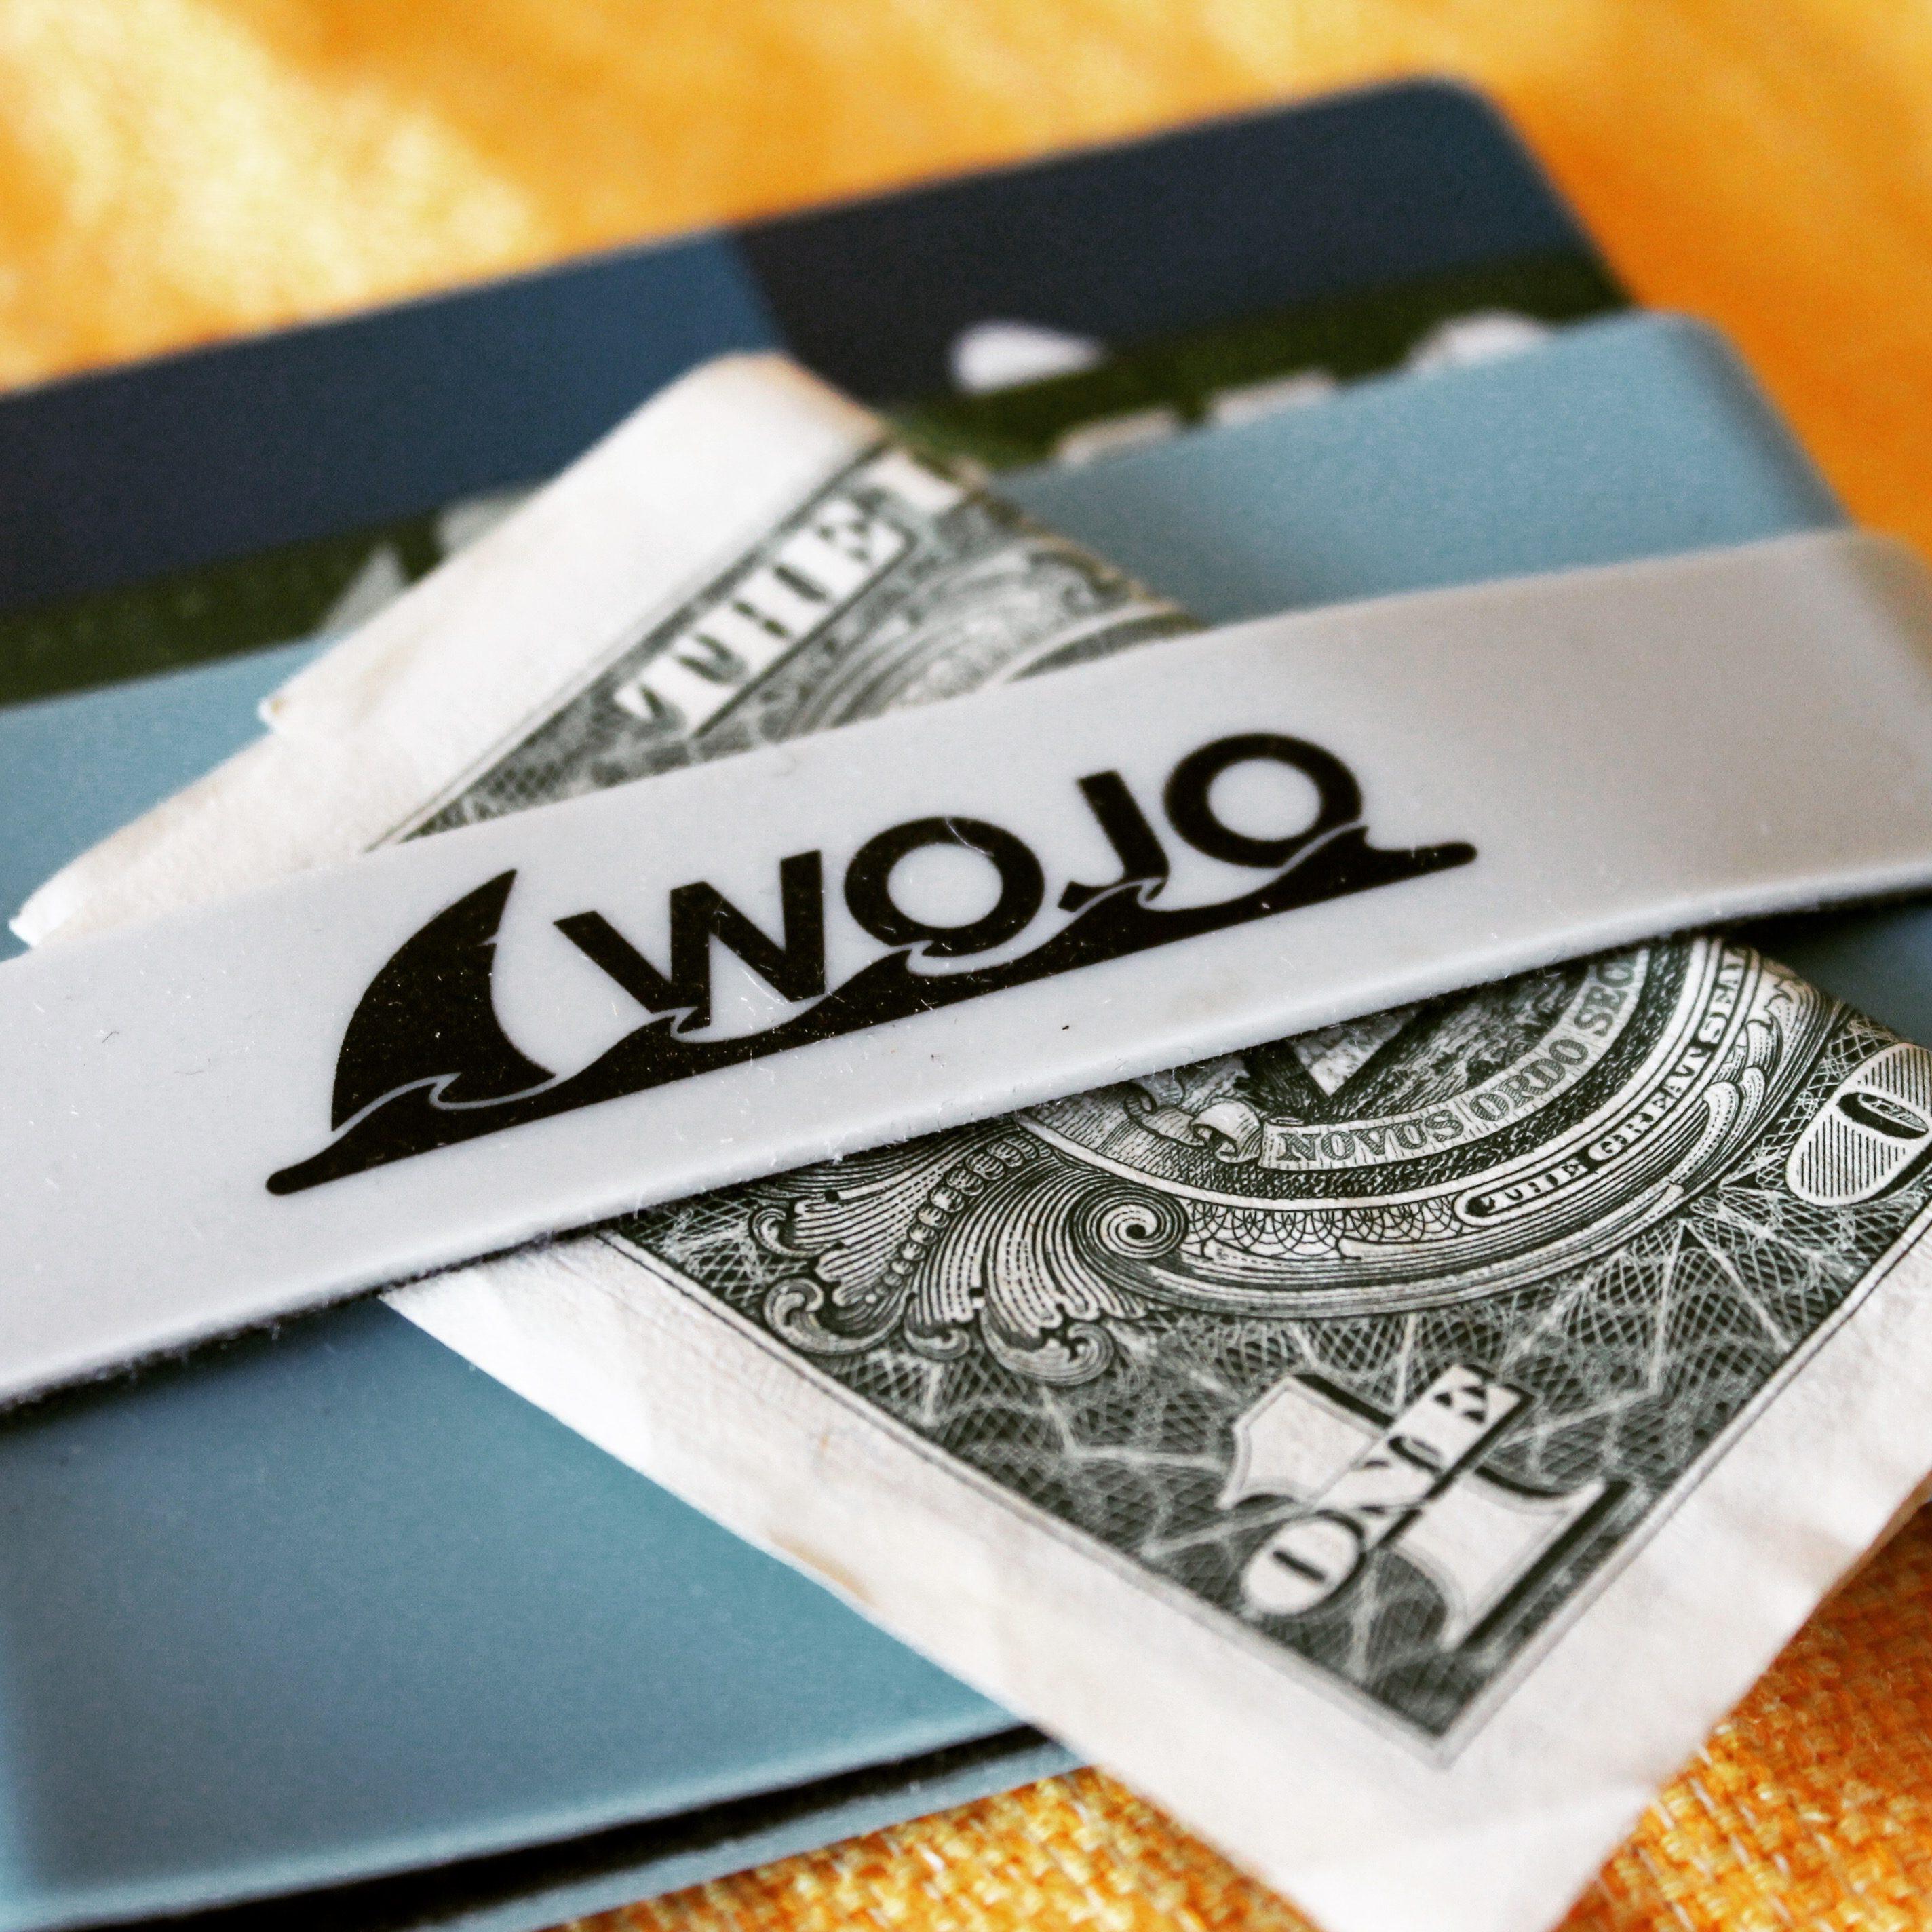 Wojo Wallet (Photo: Super G)